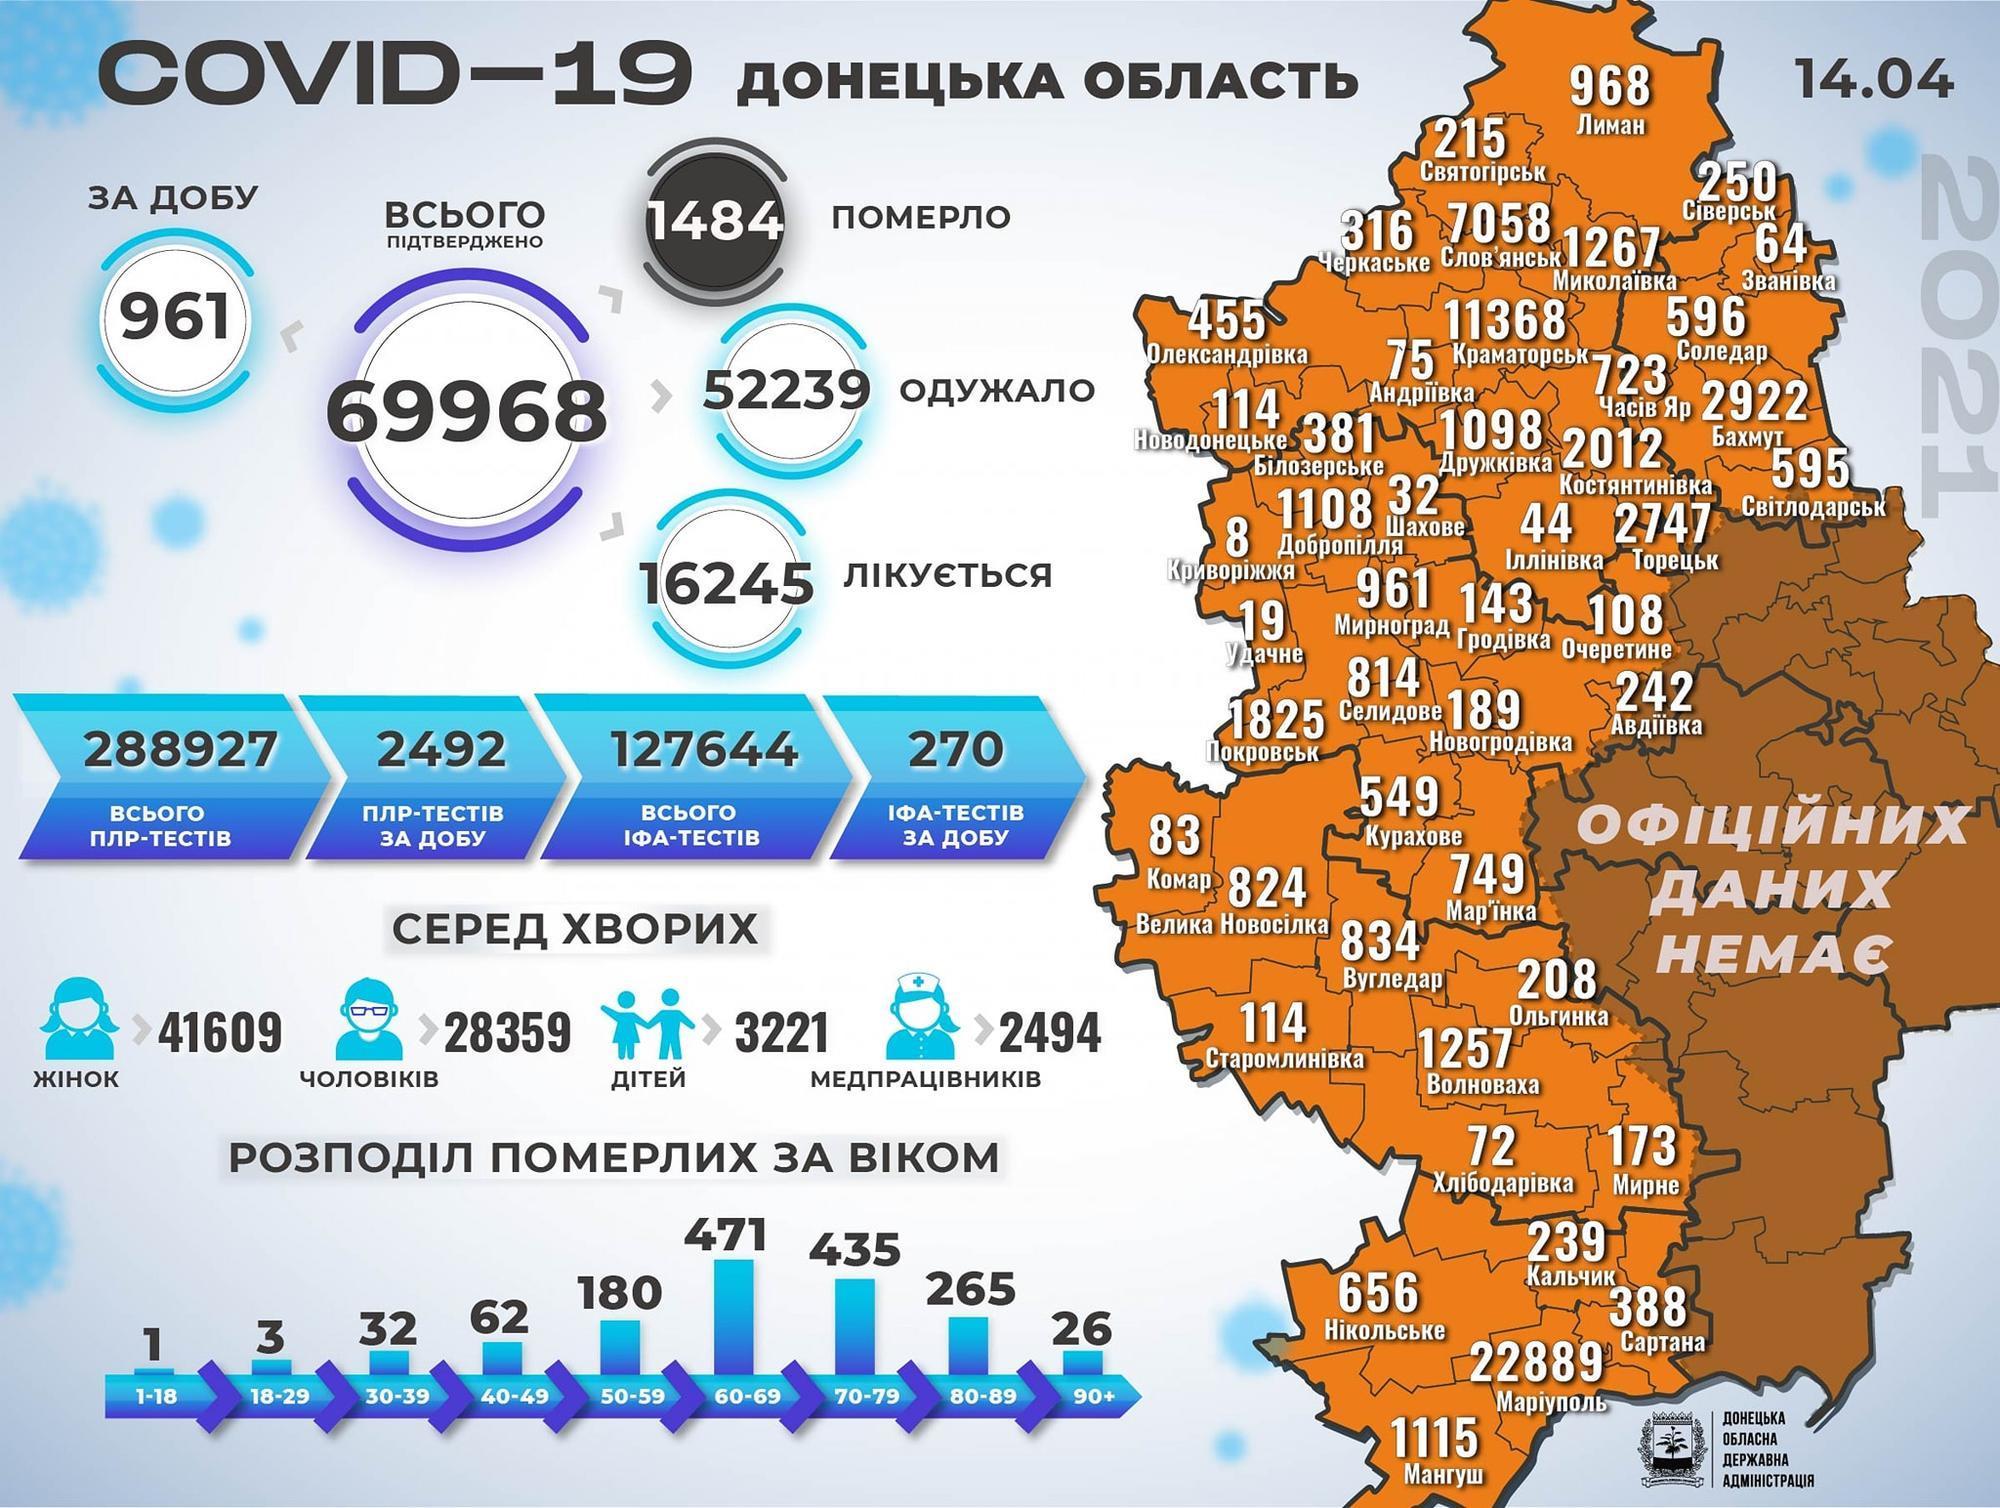 инфографика коронавирус Донецкая область 15 апреля